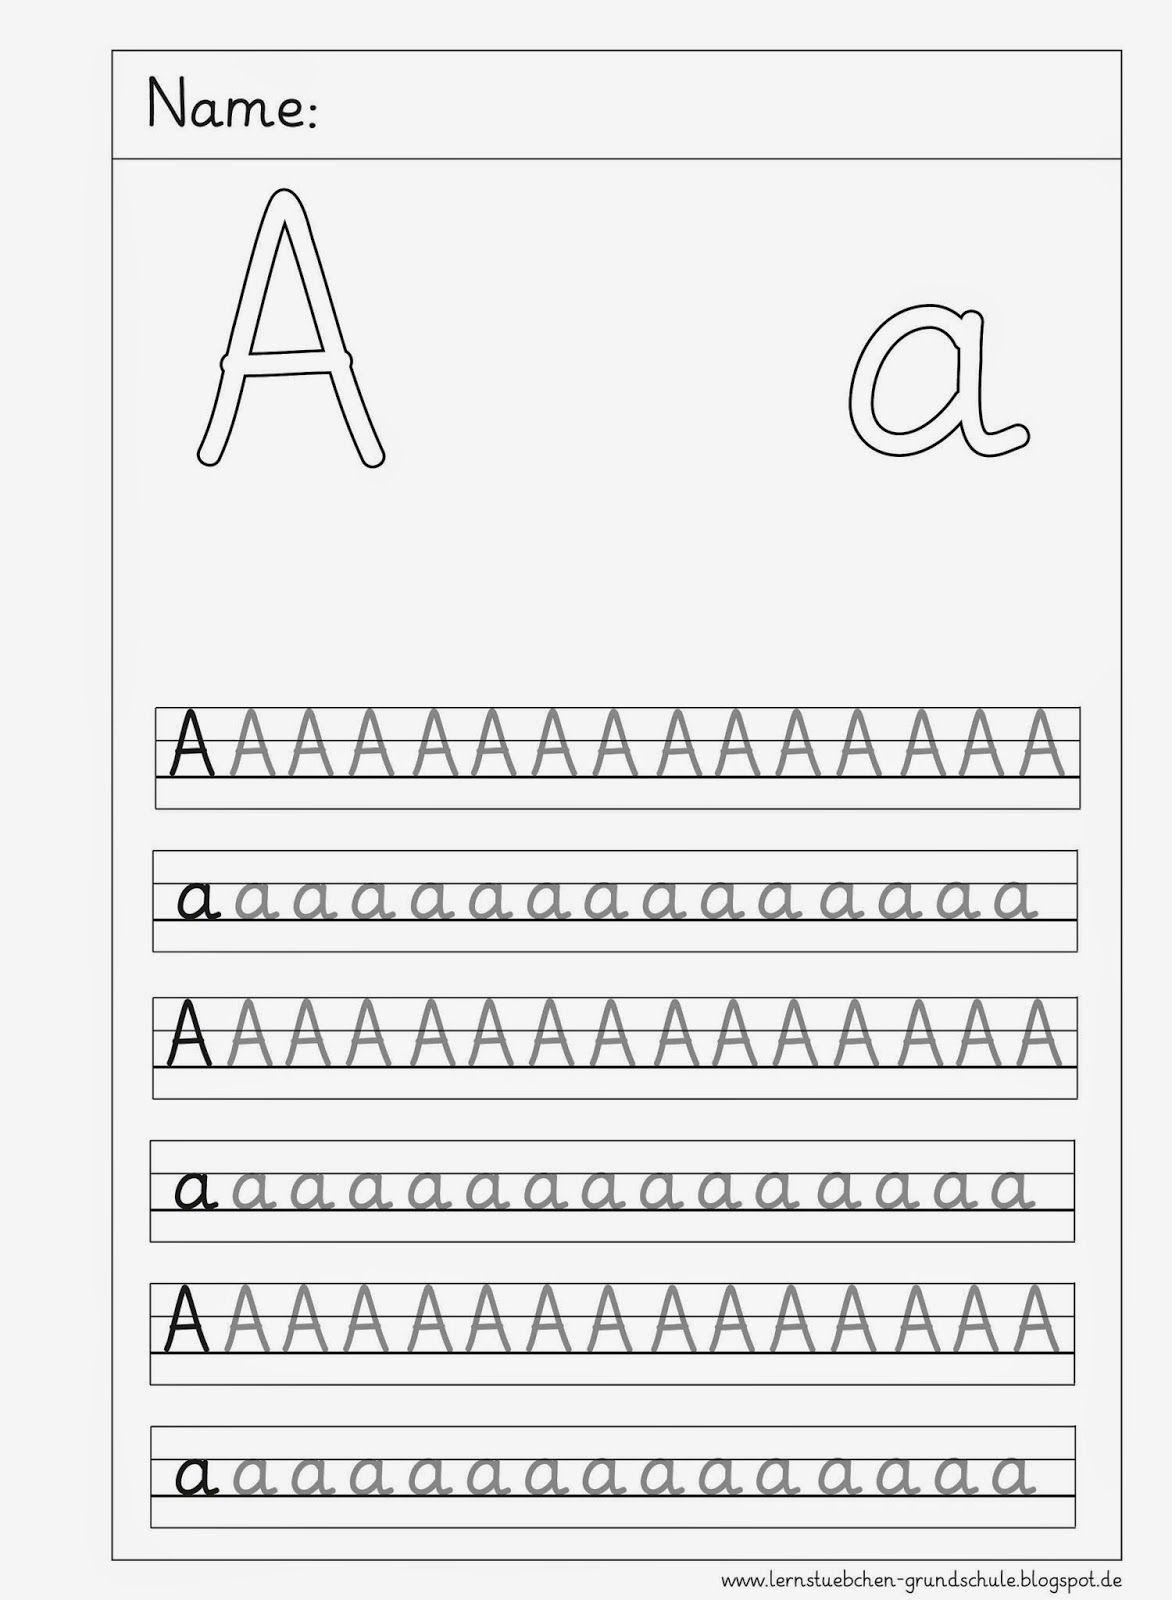 Arbeitsblätter Buchstaben Schreibschrift : Lernstübchen deu anfangsunterricht schulanfang